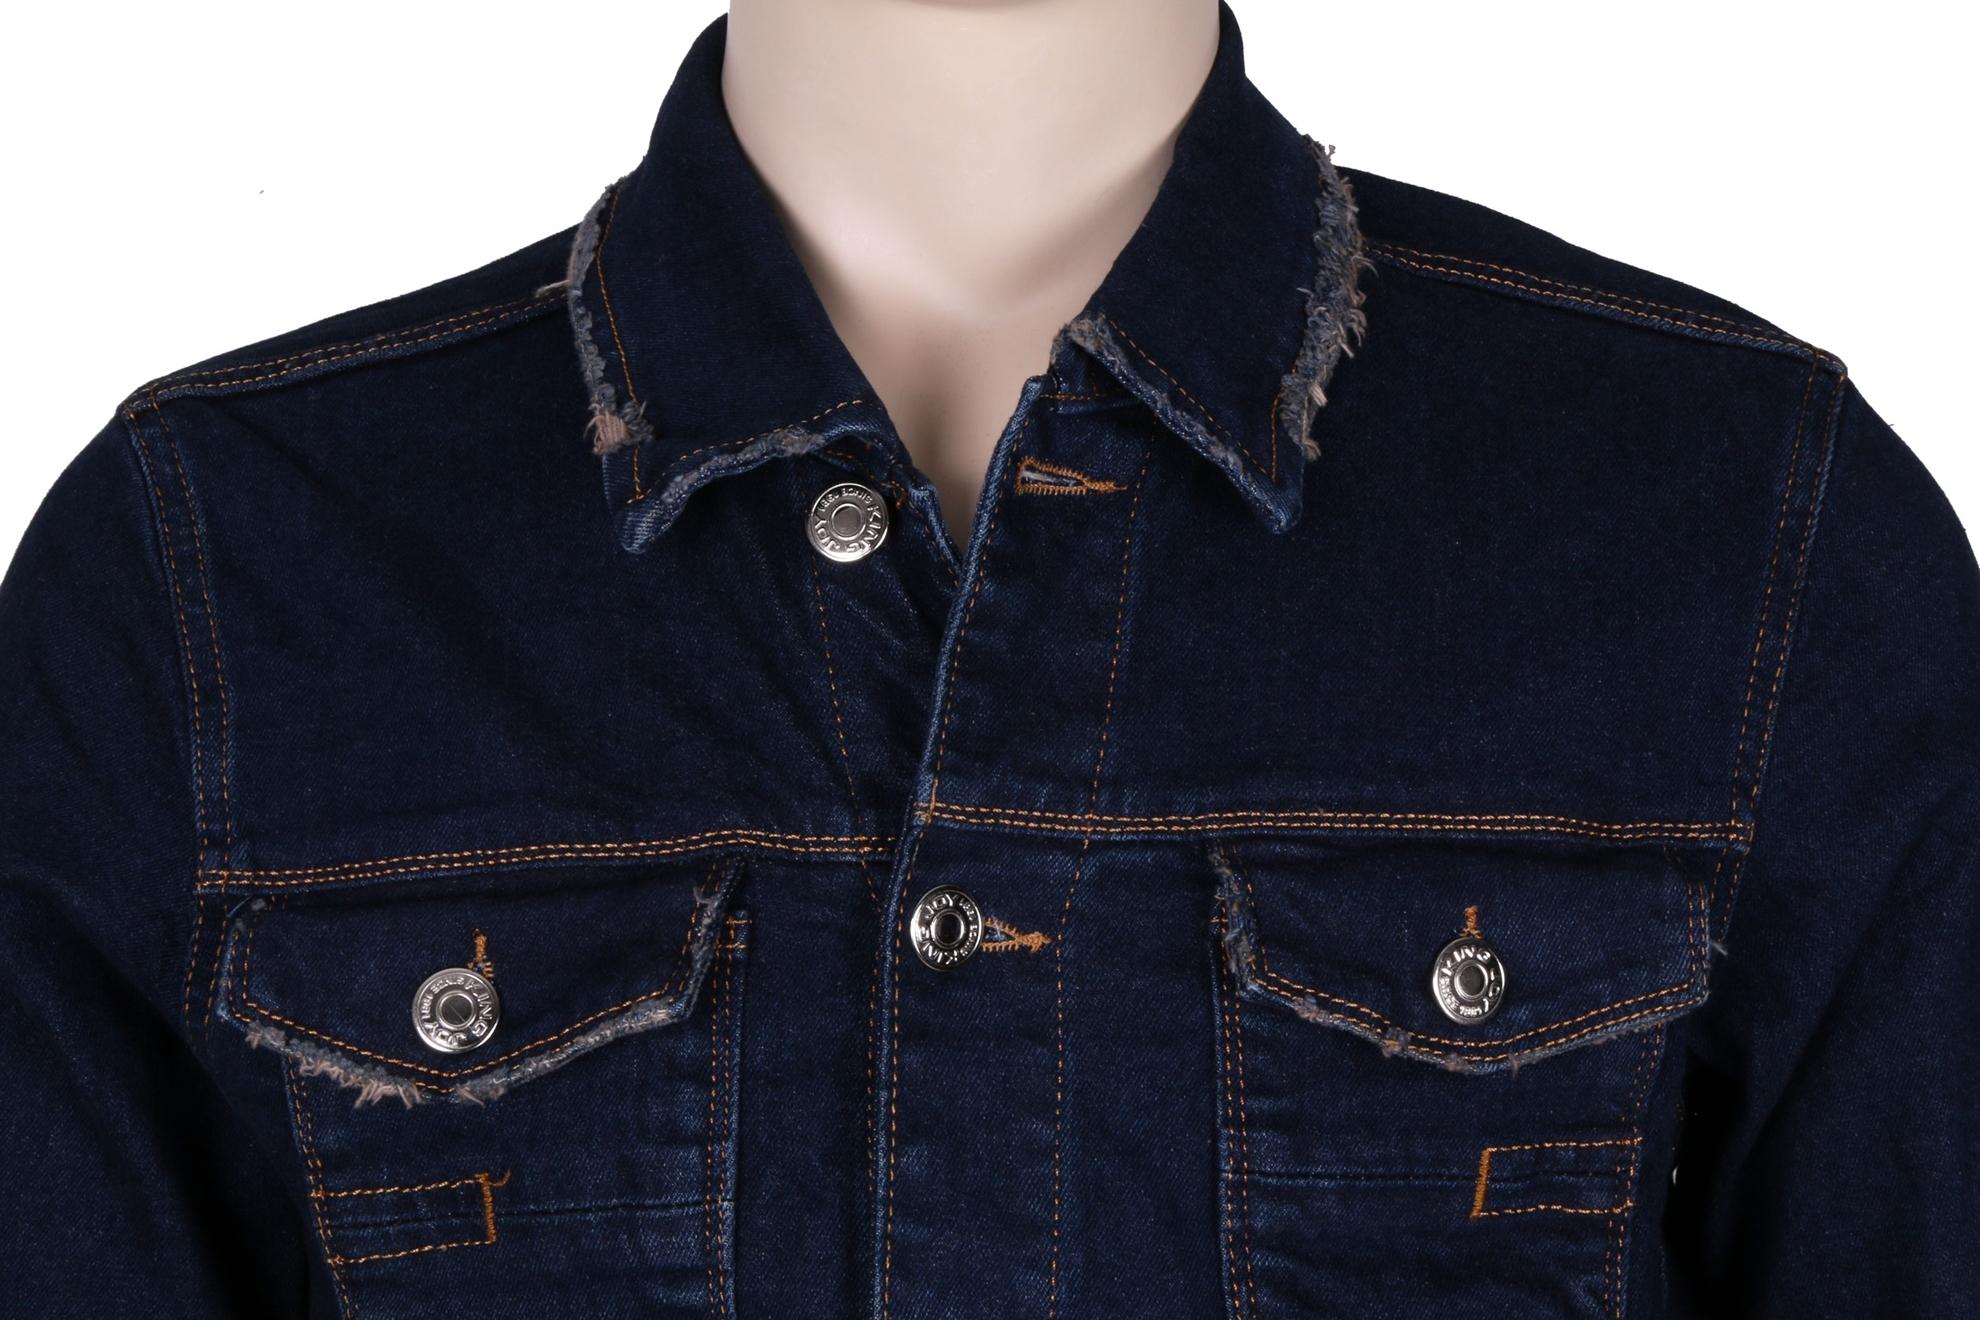 Мужская джинсовая куртка темно-синего цвета  (Арт. TKY 3039)